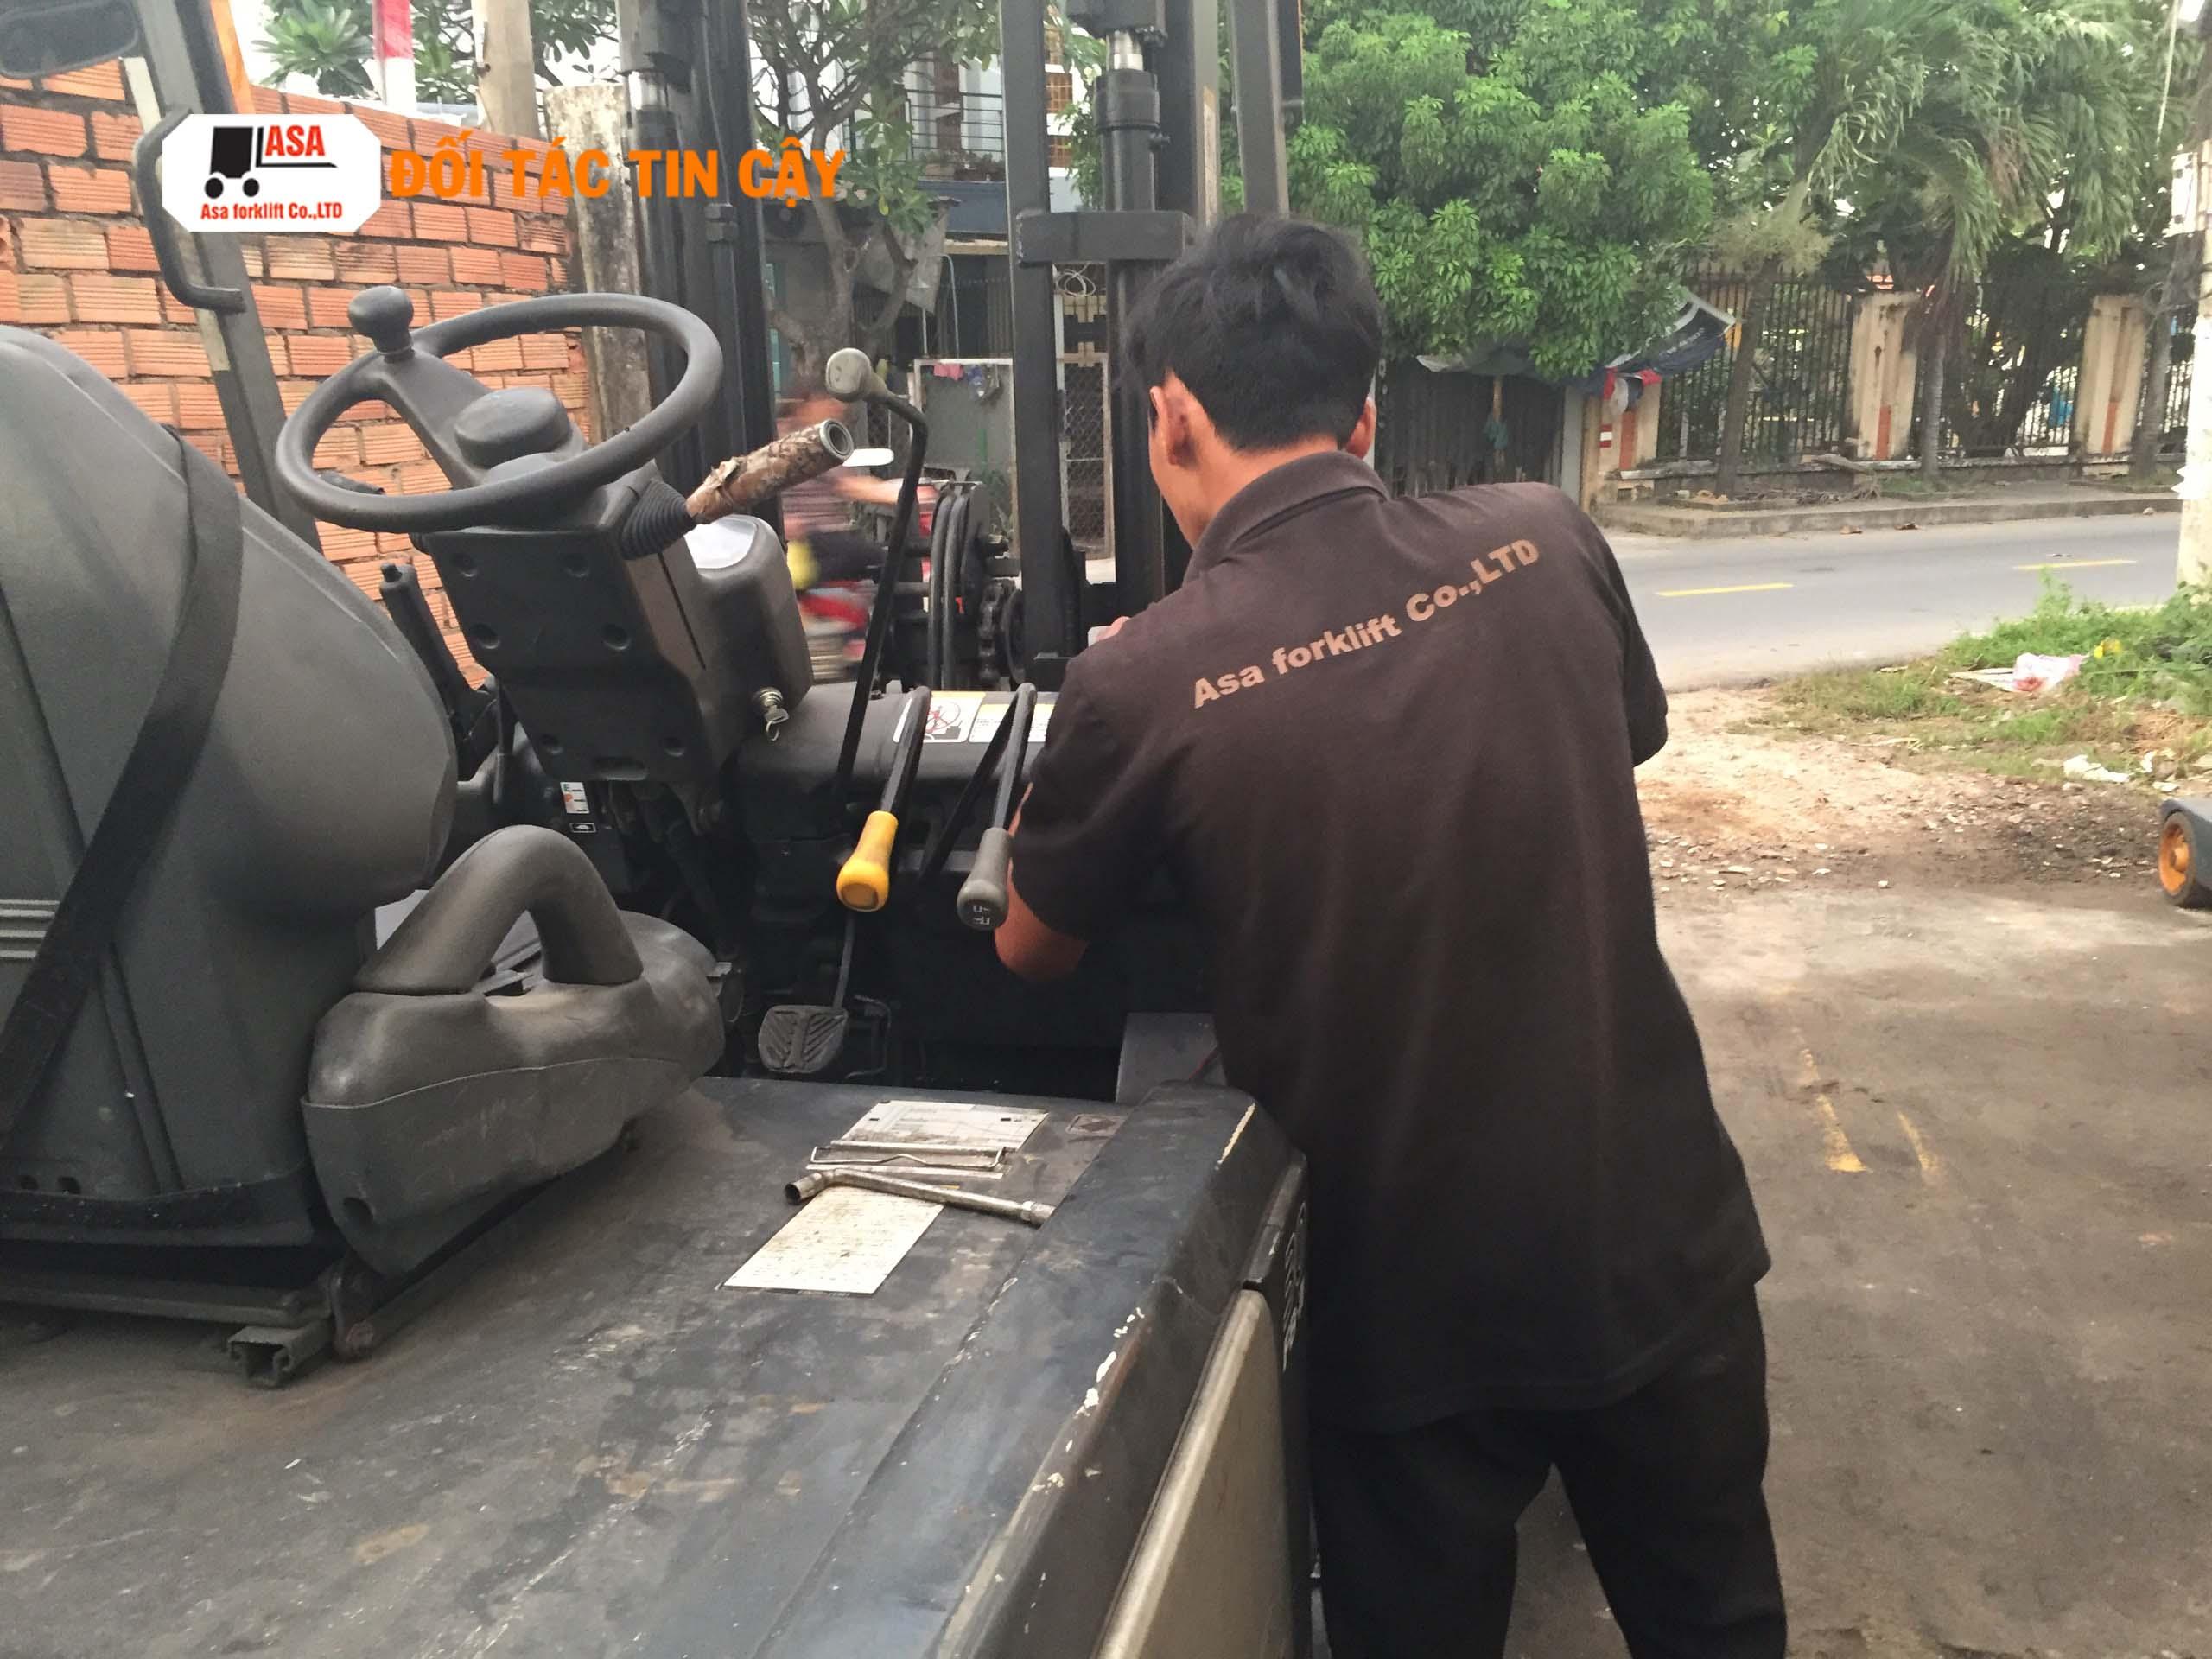 Những lỗi hỏng hóc của xe nâng điện đều được nhân viên kỹ thuật của Asa sửa chữa nhanh chóng